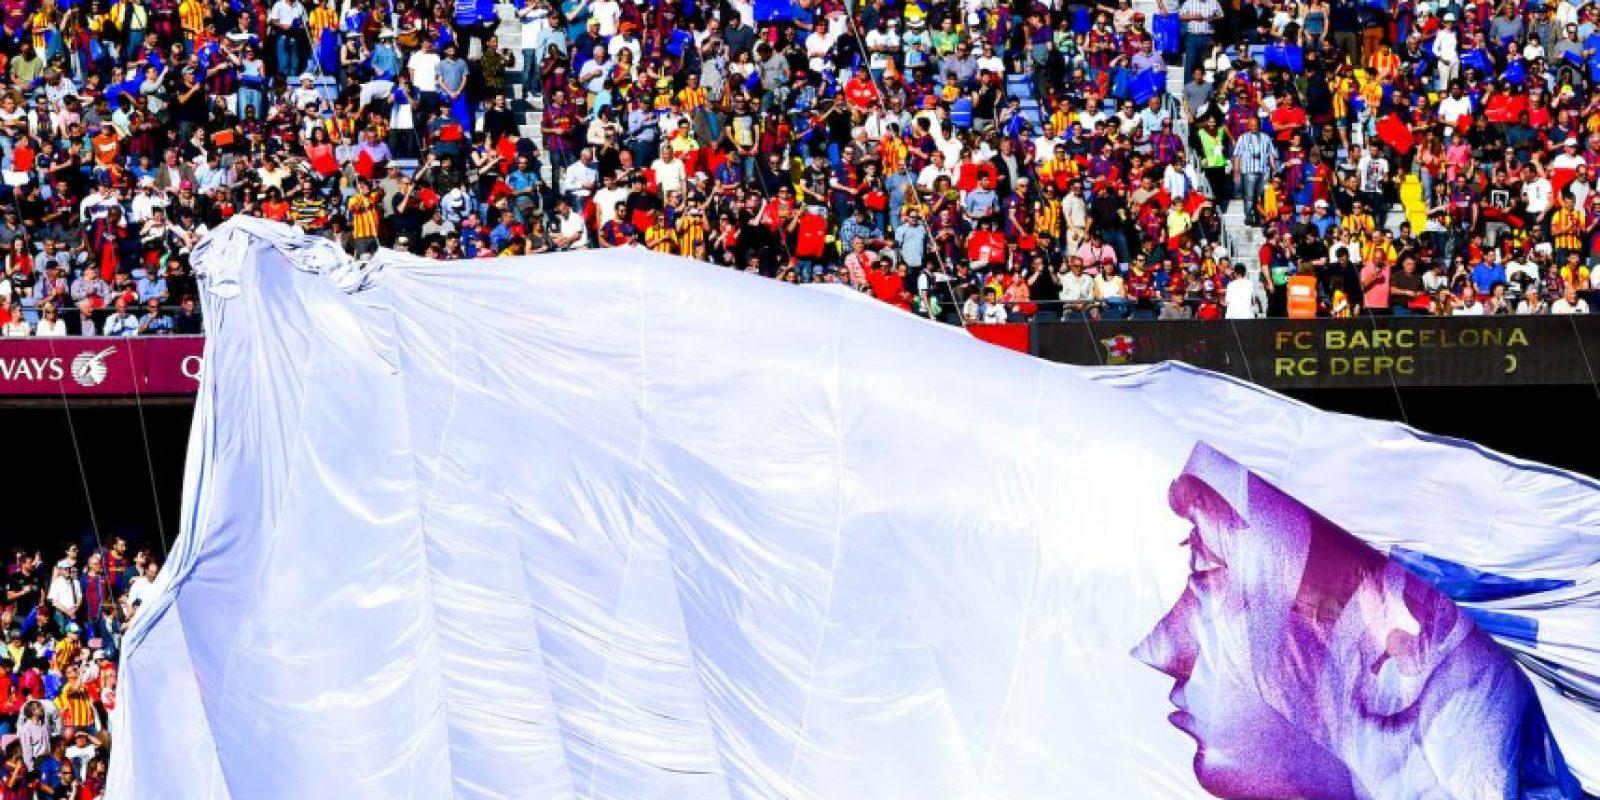 Así fue la despedida de Xavi Hernández como futbolista culé Foto:Getty Images